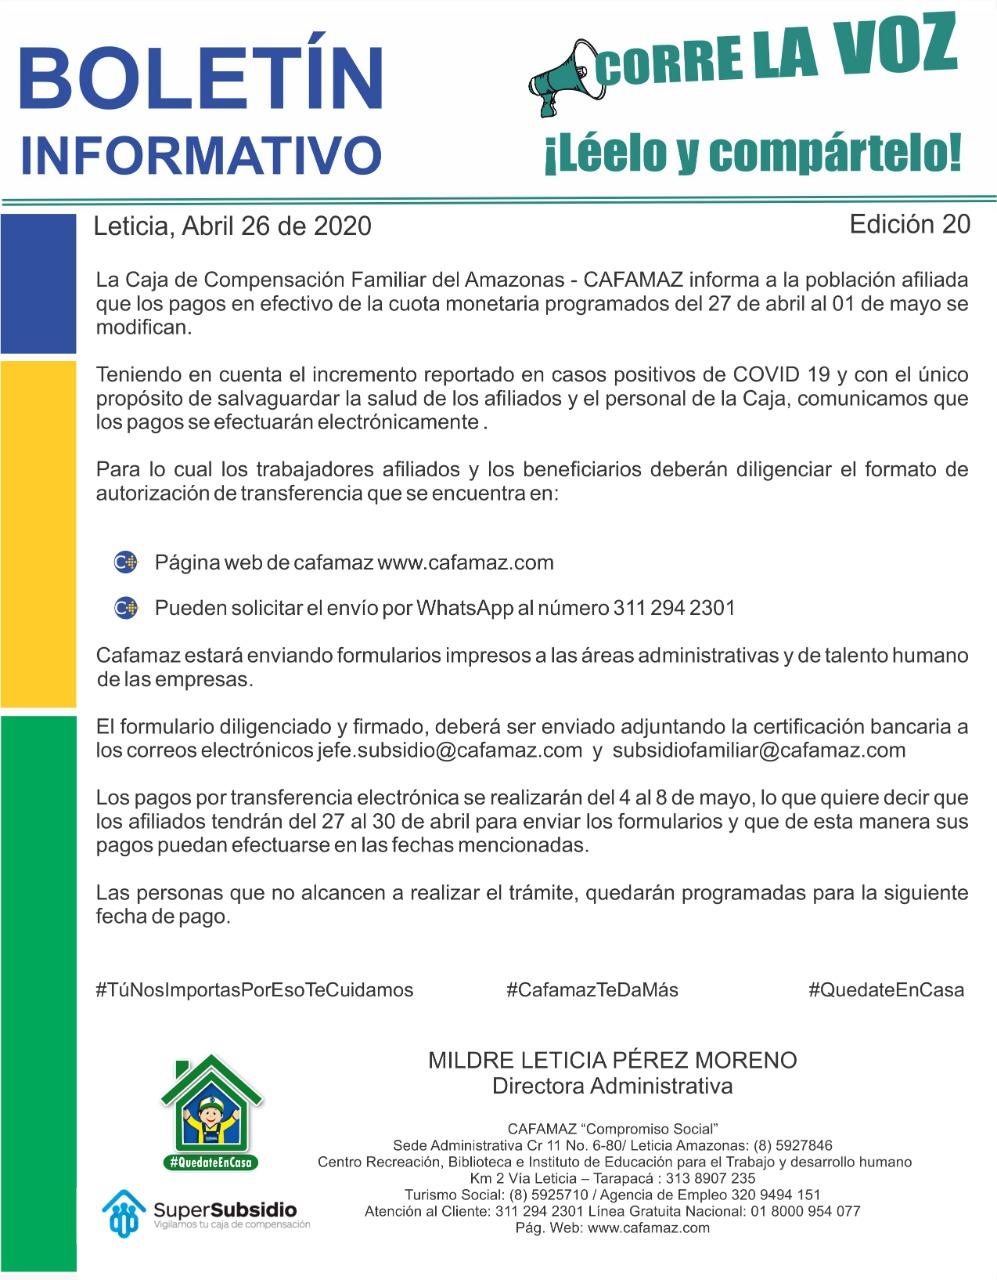 Boletín Informativo Edición 20 – PAGO CUOTA MONETARIA VÍA TRANSFERENCIA ELÉCTRONICA   Cafamaz, 2020